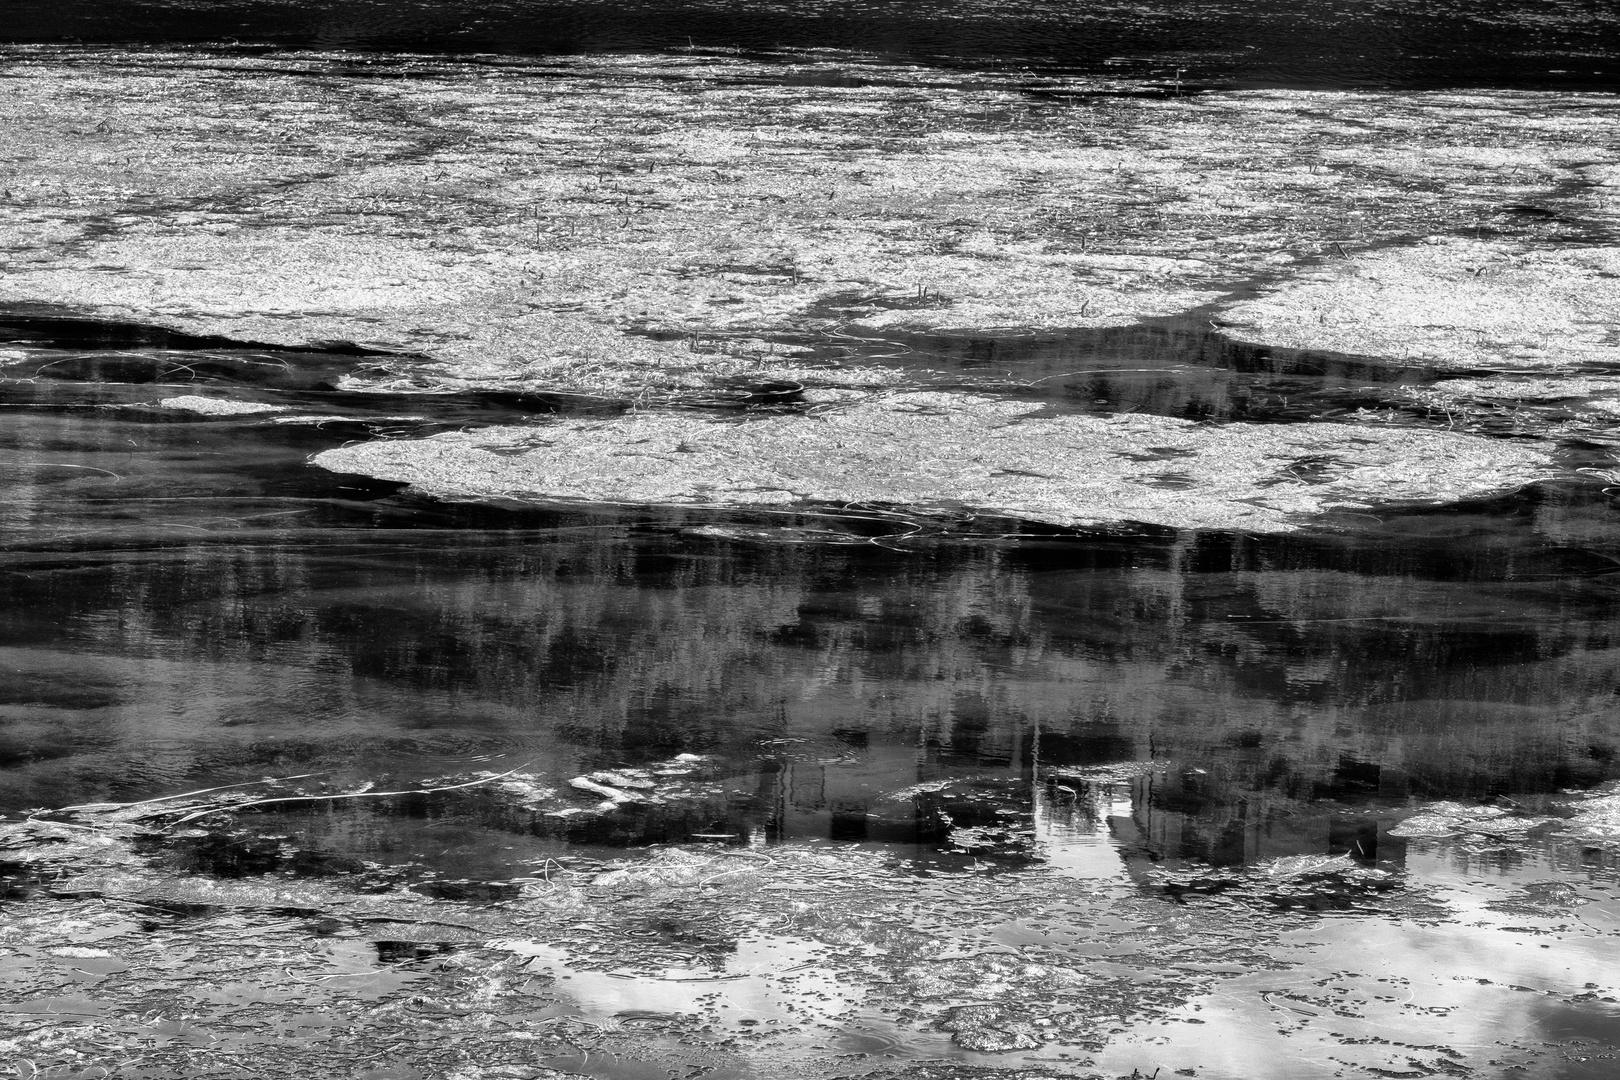 Alghe e riflessi nel fiume Adda